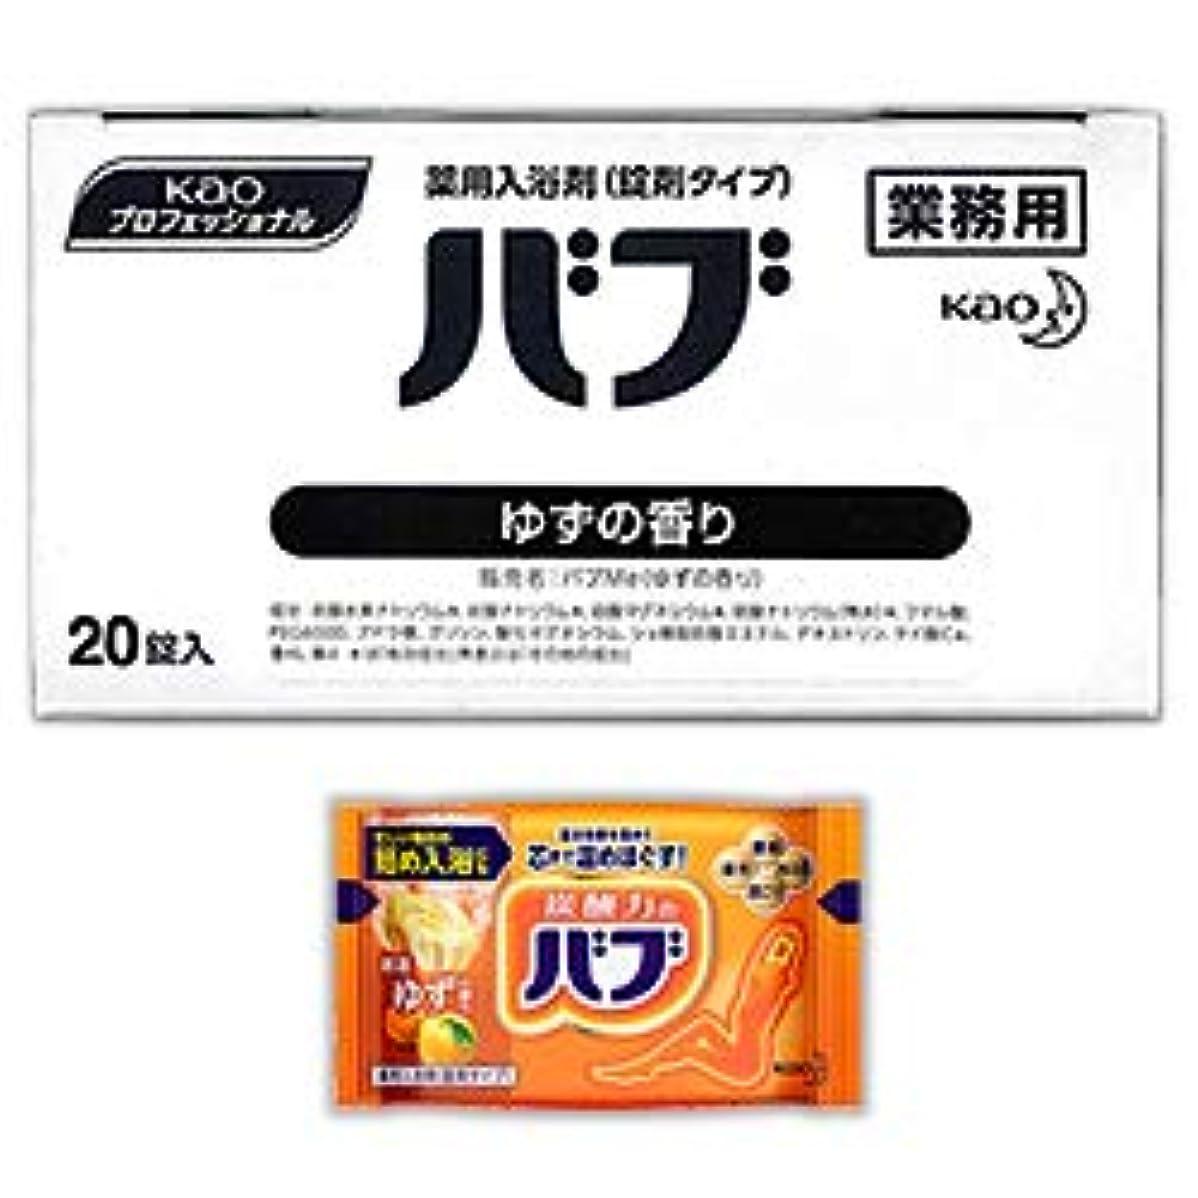 会計先入観死にかけている【花王】Kaoプロフェッショナル バブ ゆずの香り(業務用) 40g×20錠入 ×2個セット